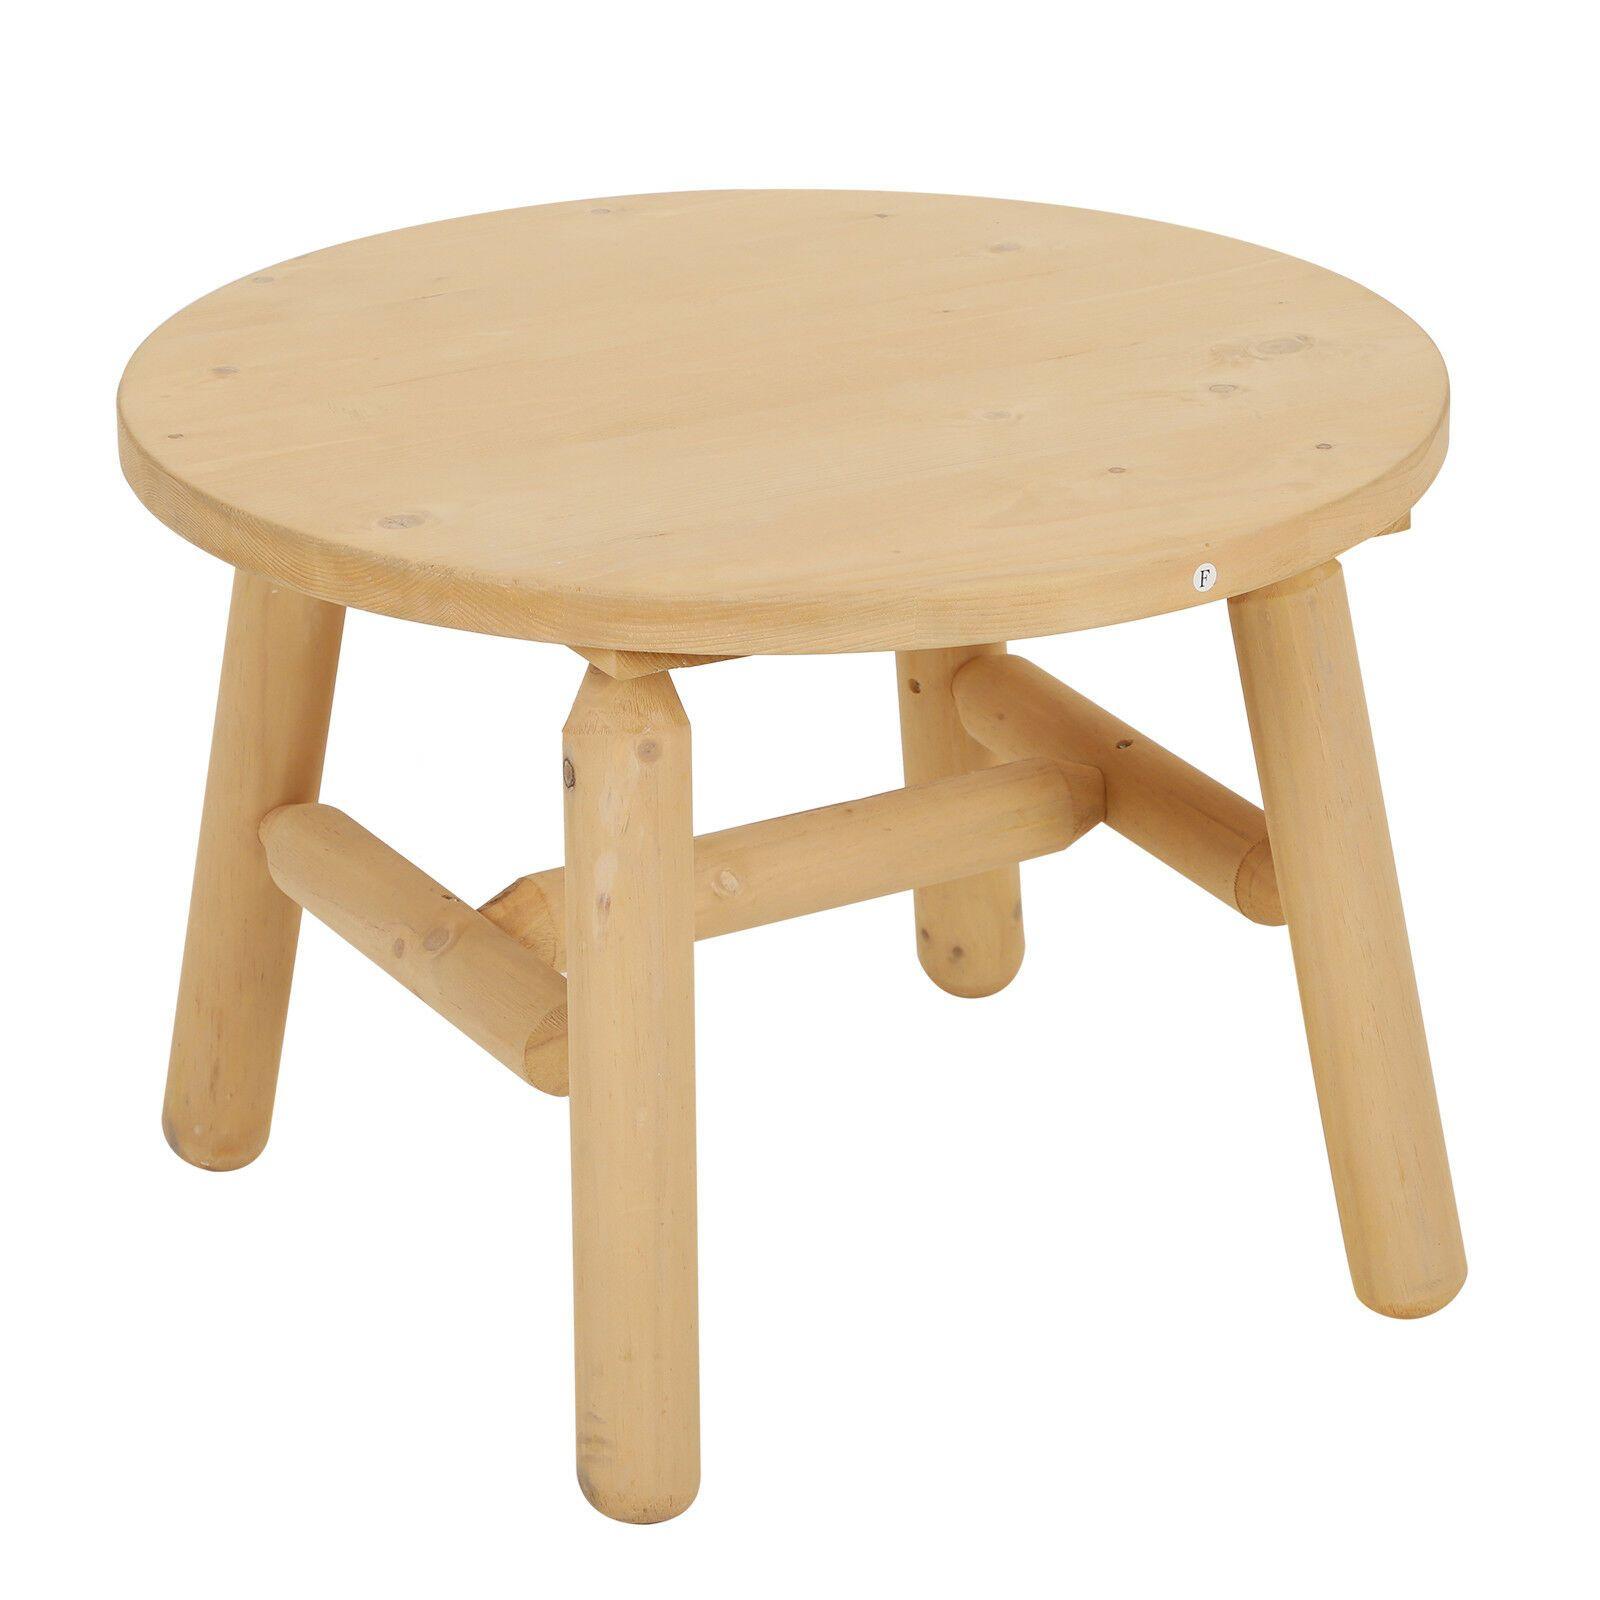 Table De Jardin Ronde Outsunny Ф63.5X45Cm En Bois #bois #de ... tout Table De Jardin Ronde En Bois